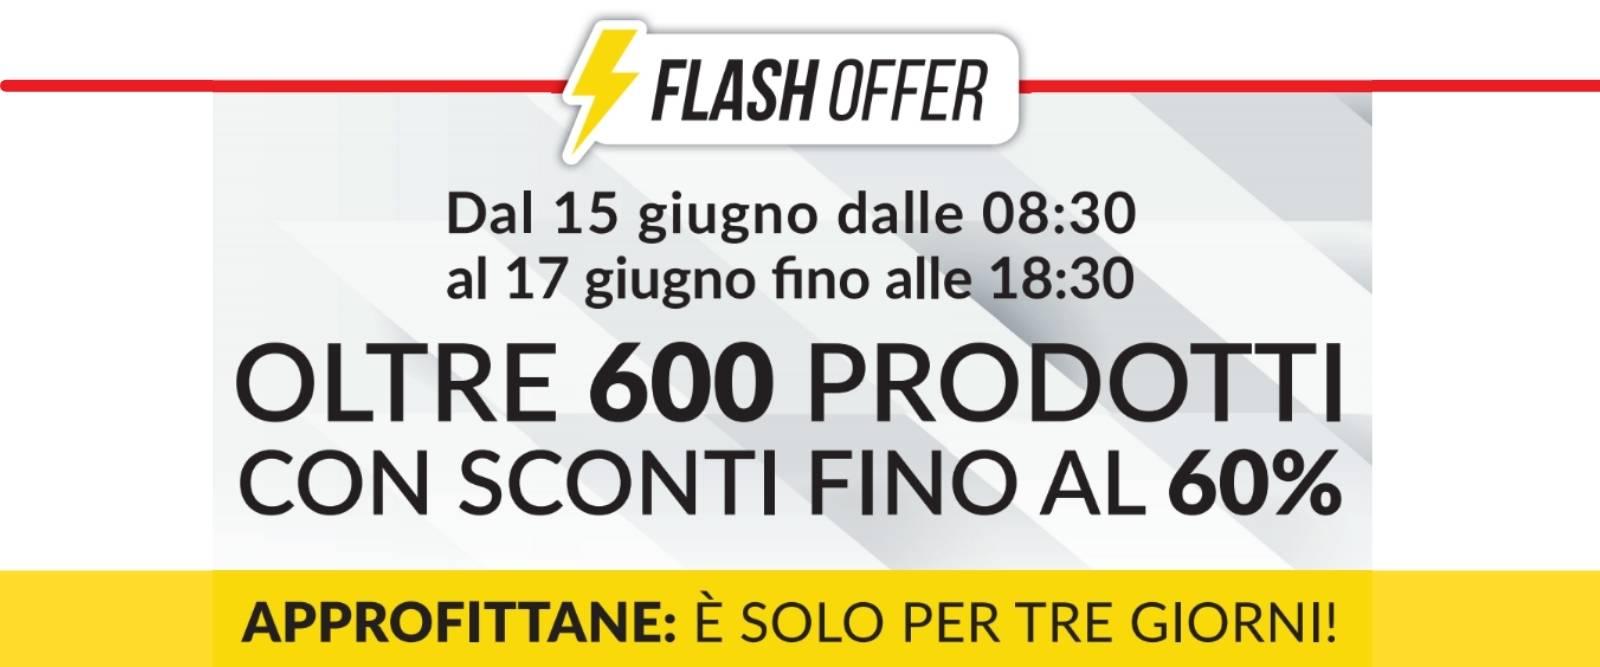 Flash offer_Ferramenta Veneta